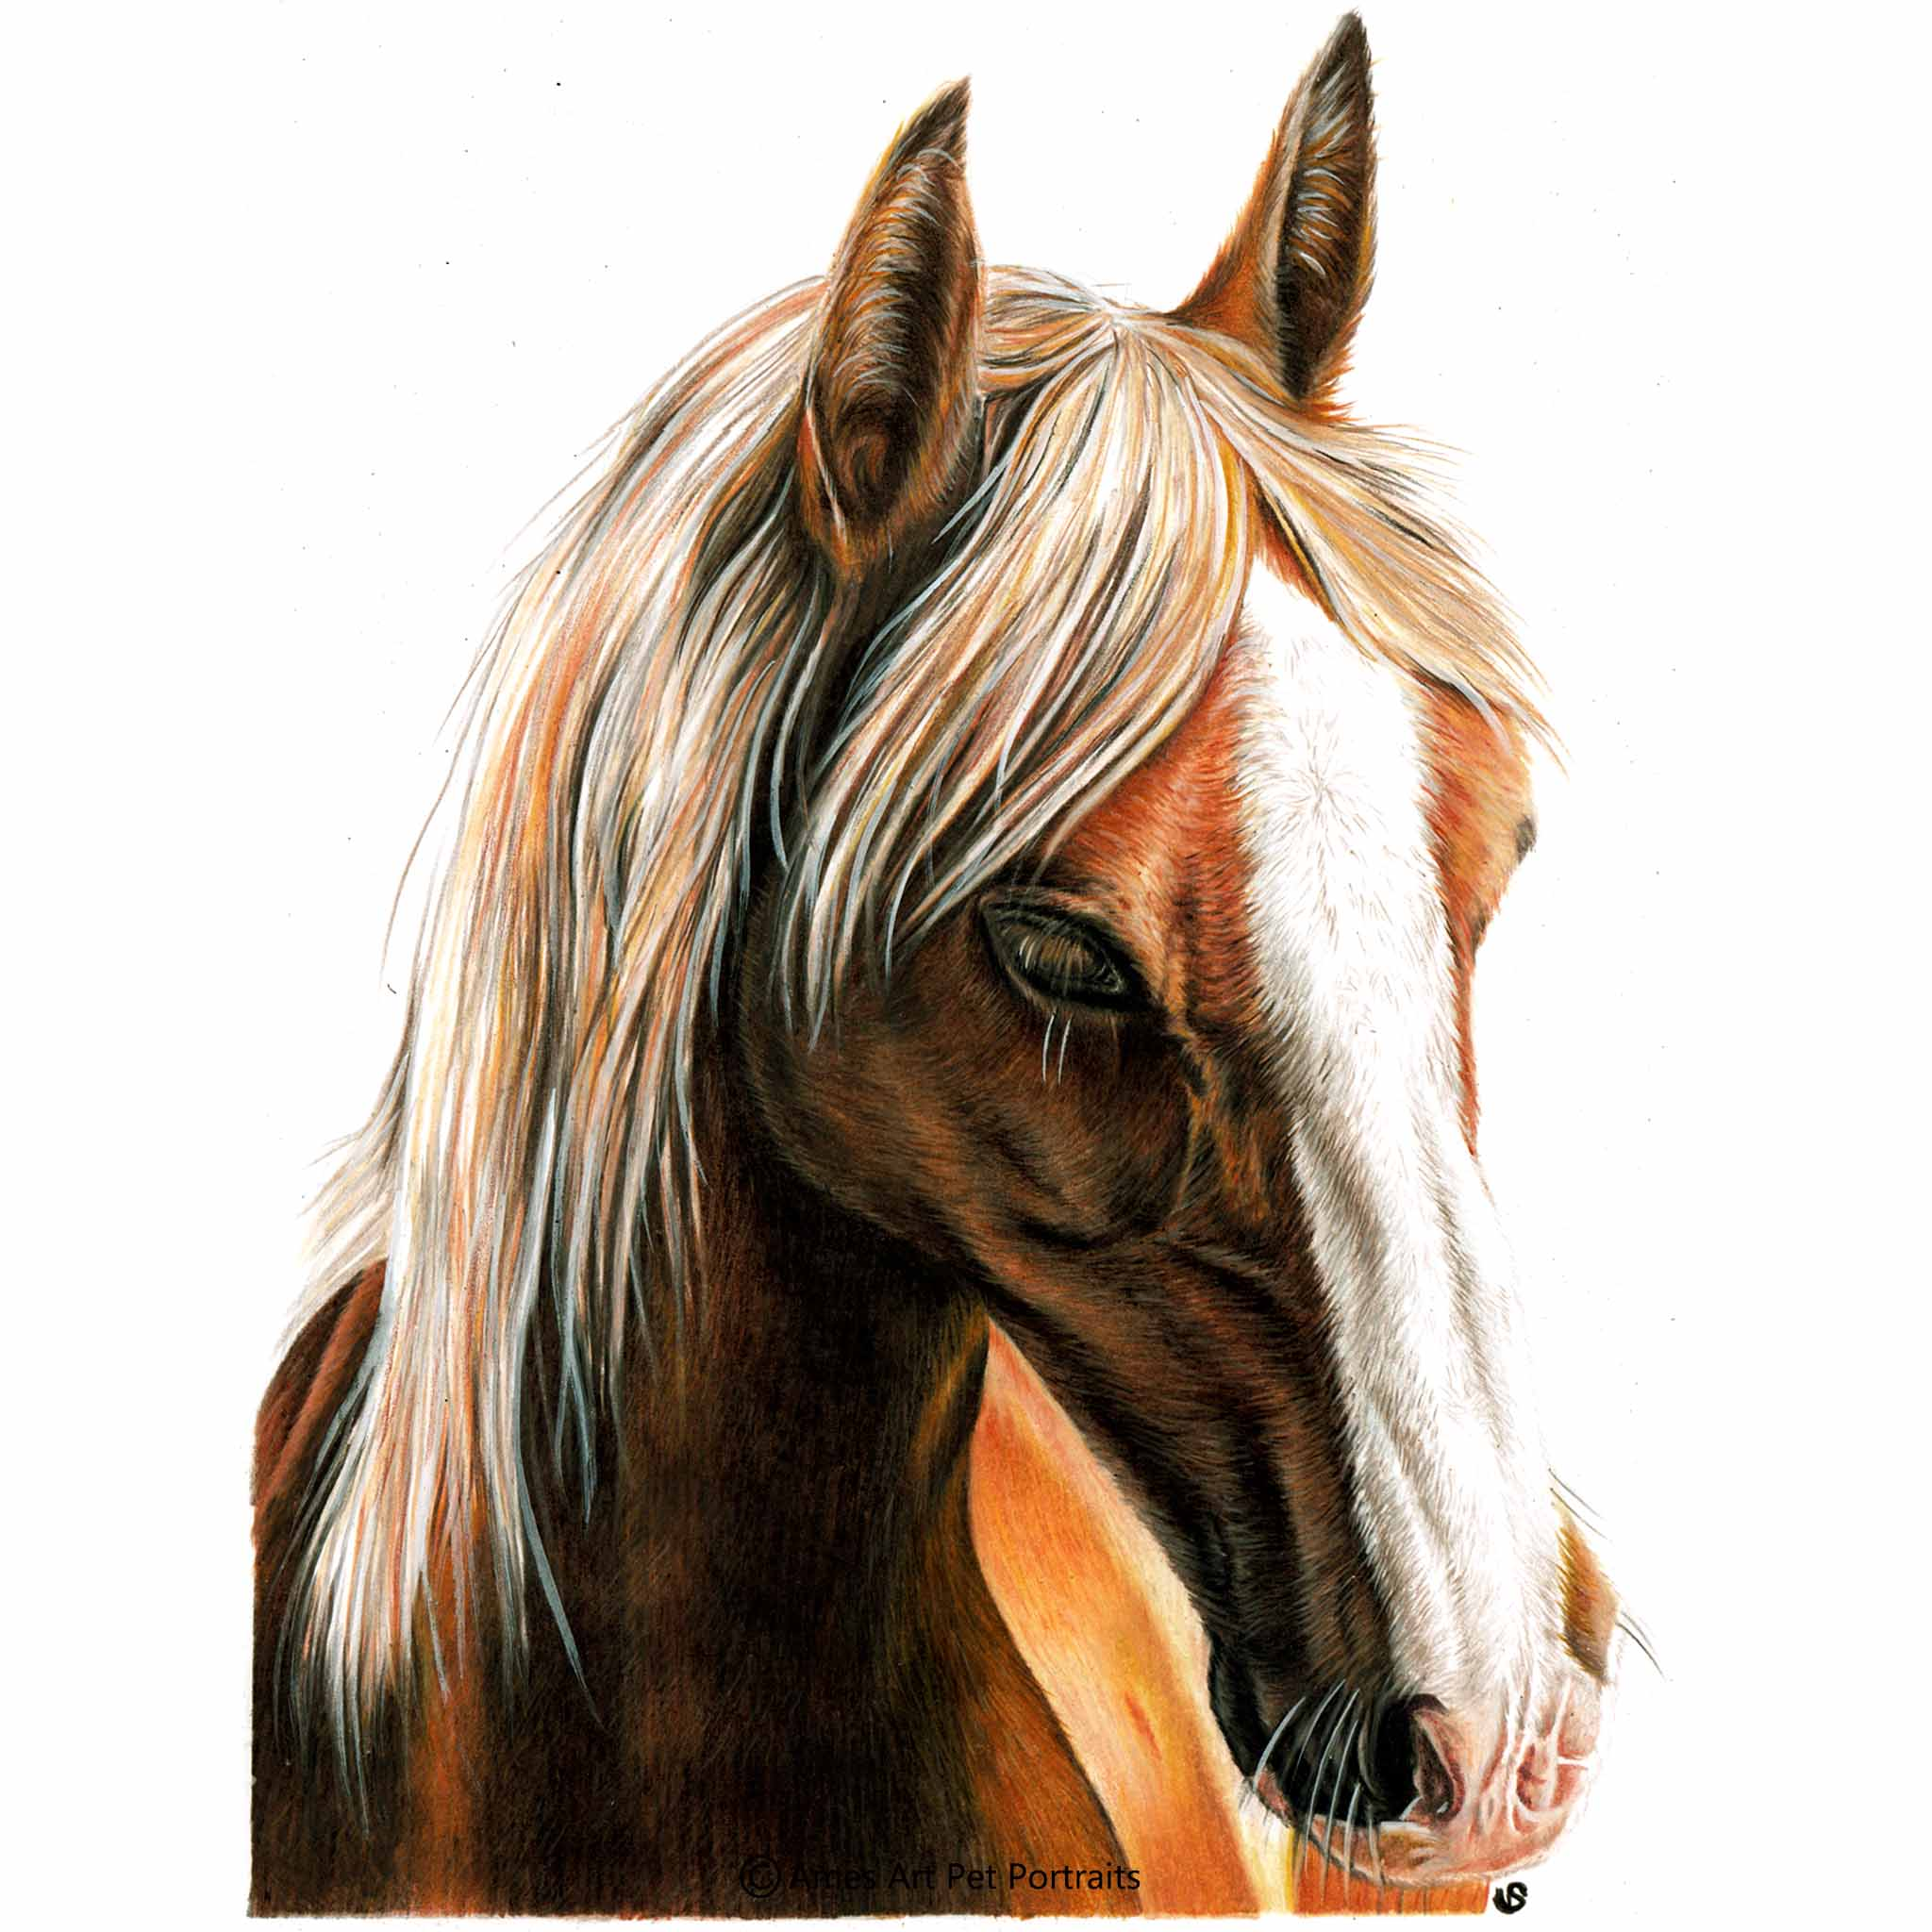 'Geri', UK, 11.7x16.5 inches, 2018, Colour Pencil Horse Portrait by Sema Martin